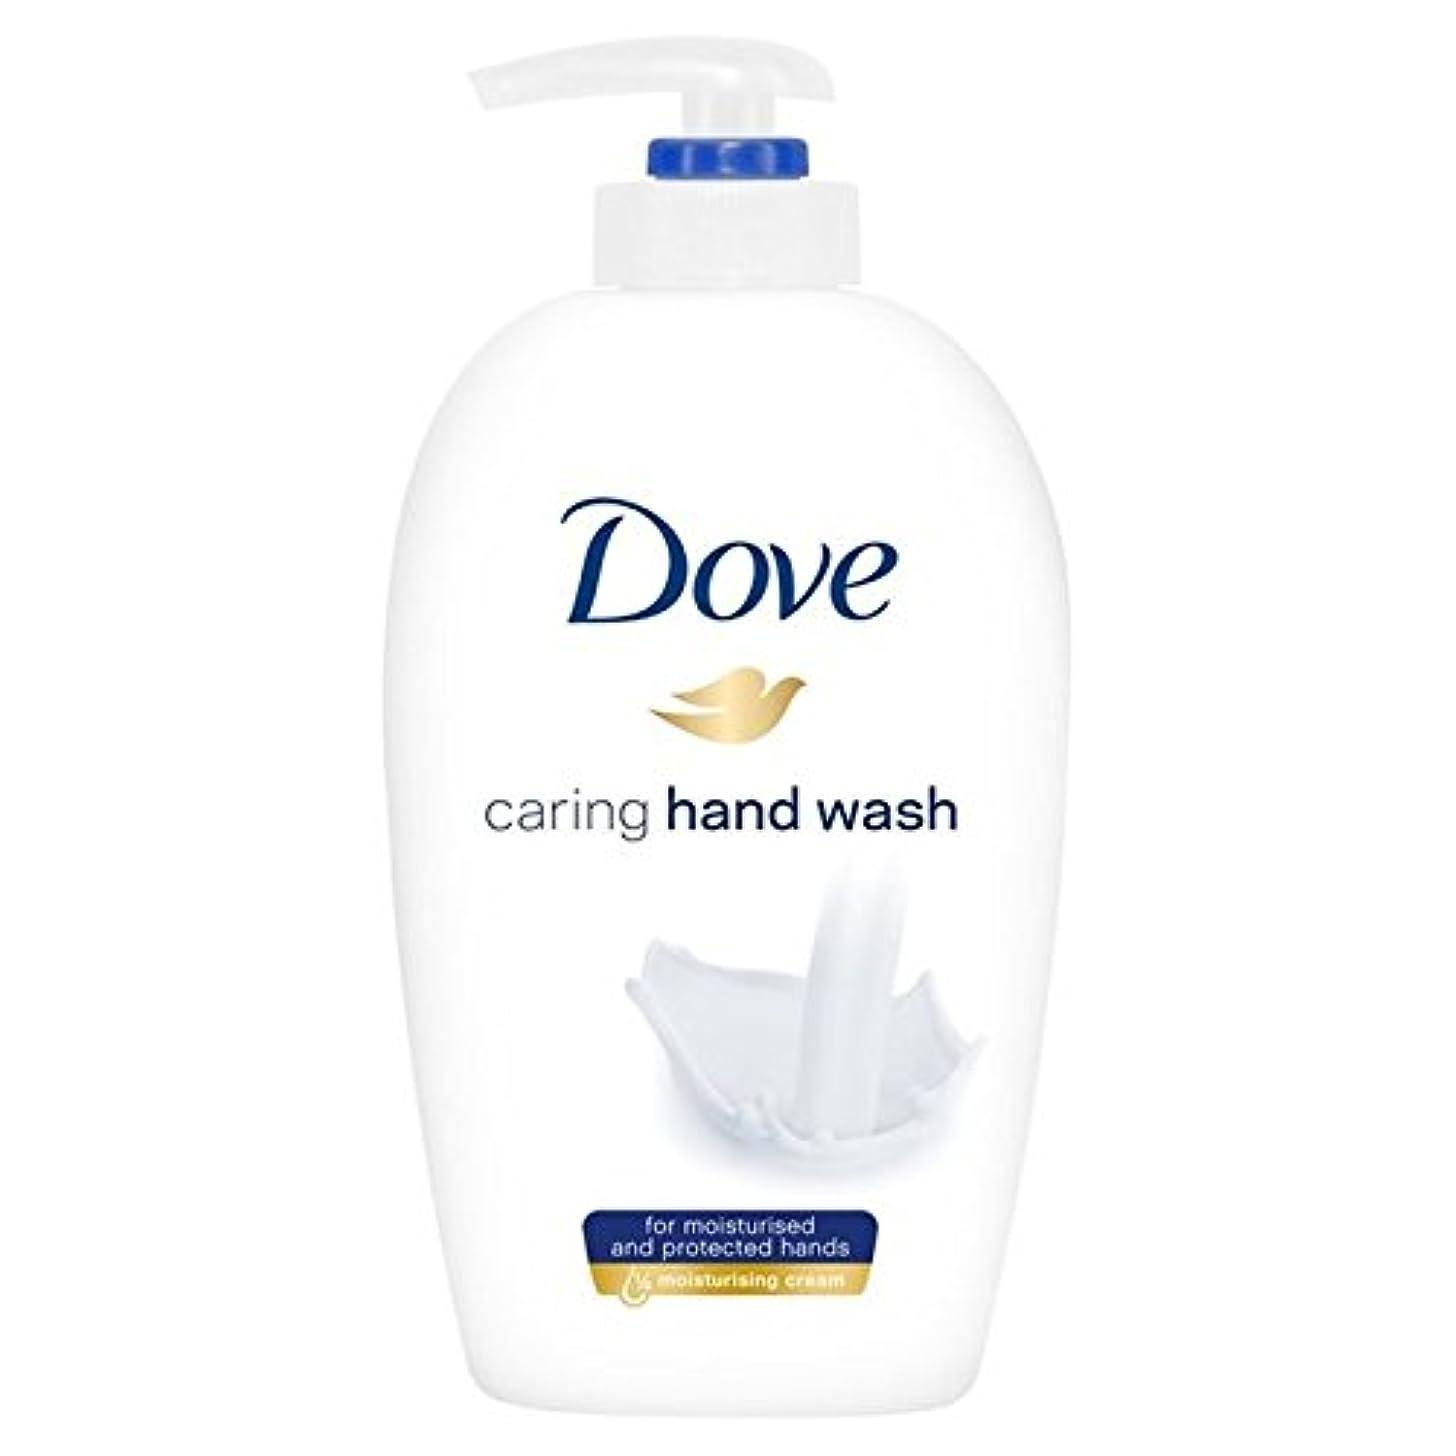 配管工アシストサーバント鳩思いやり手洗い250ミリリットル x4 - Dove Caring Hand Wash 250ml (Pack of 4) [並行輸入品]